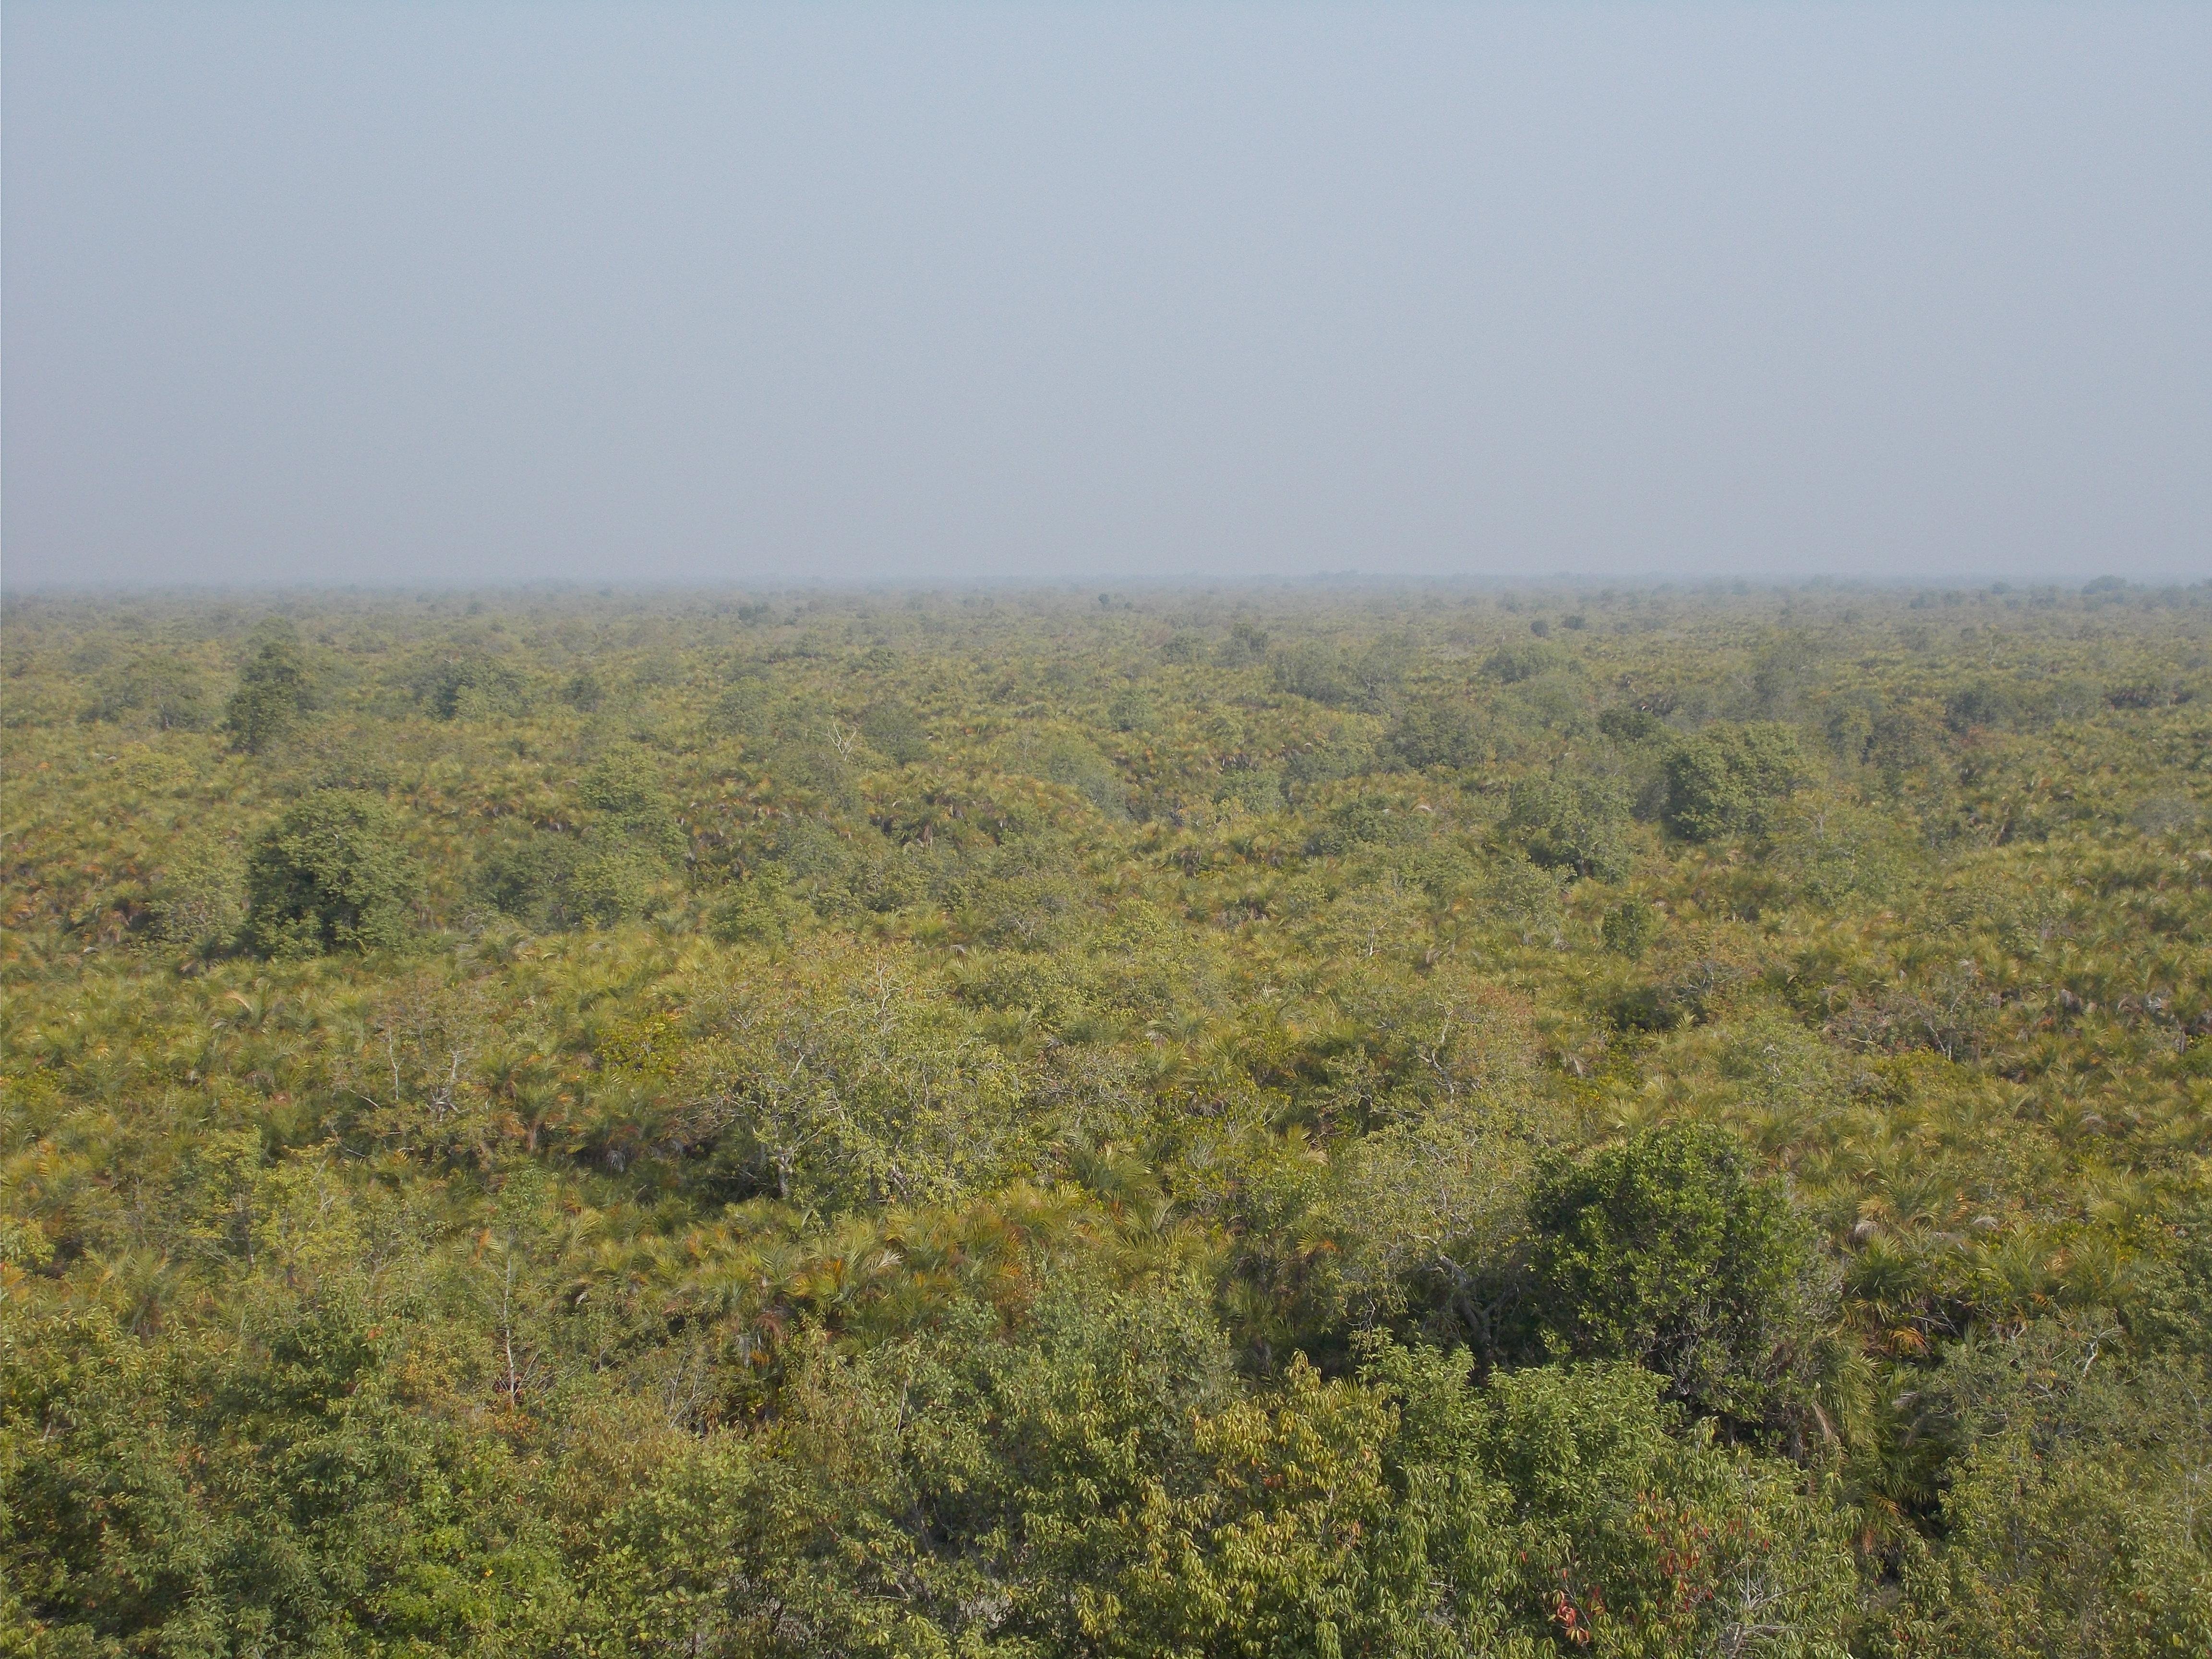 Sundarban Dense Forest